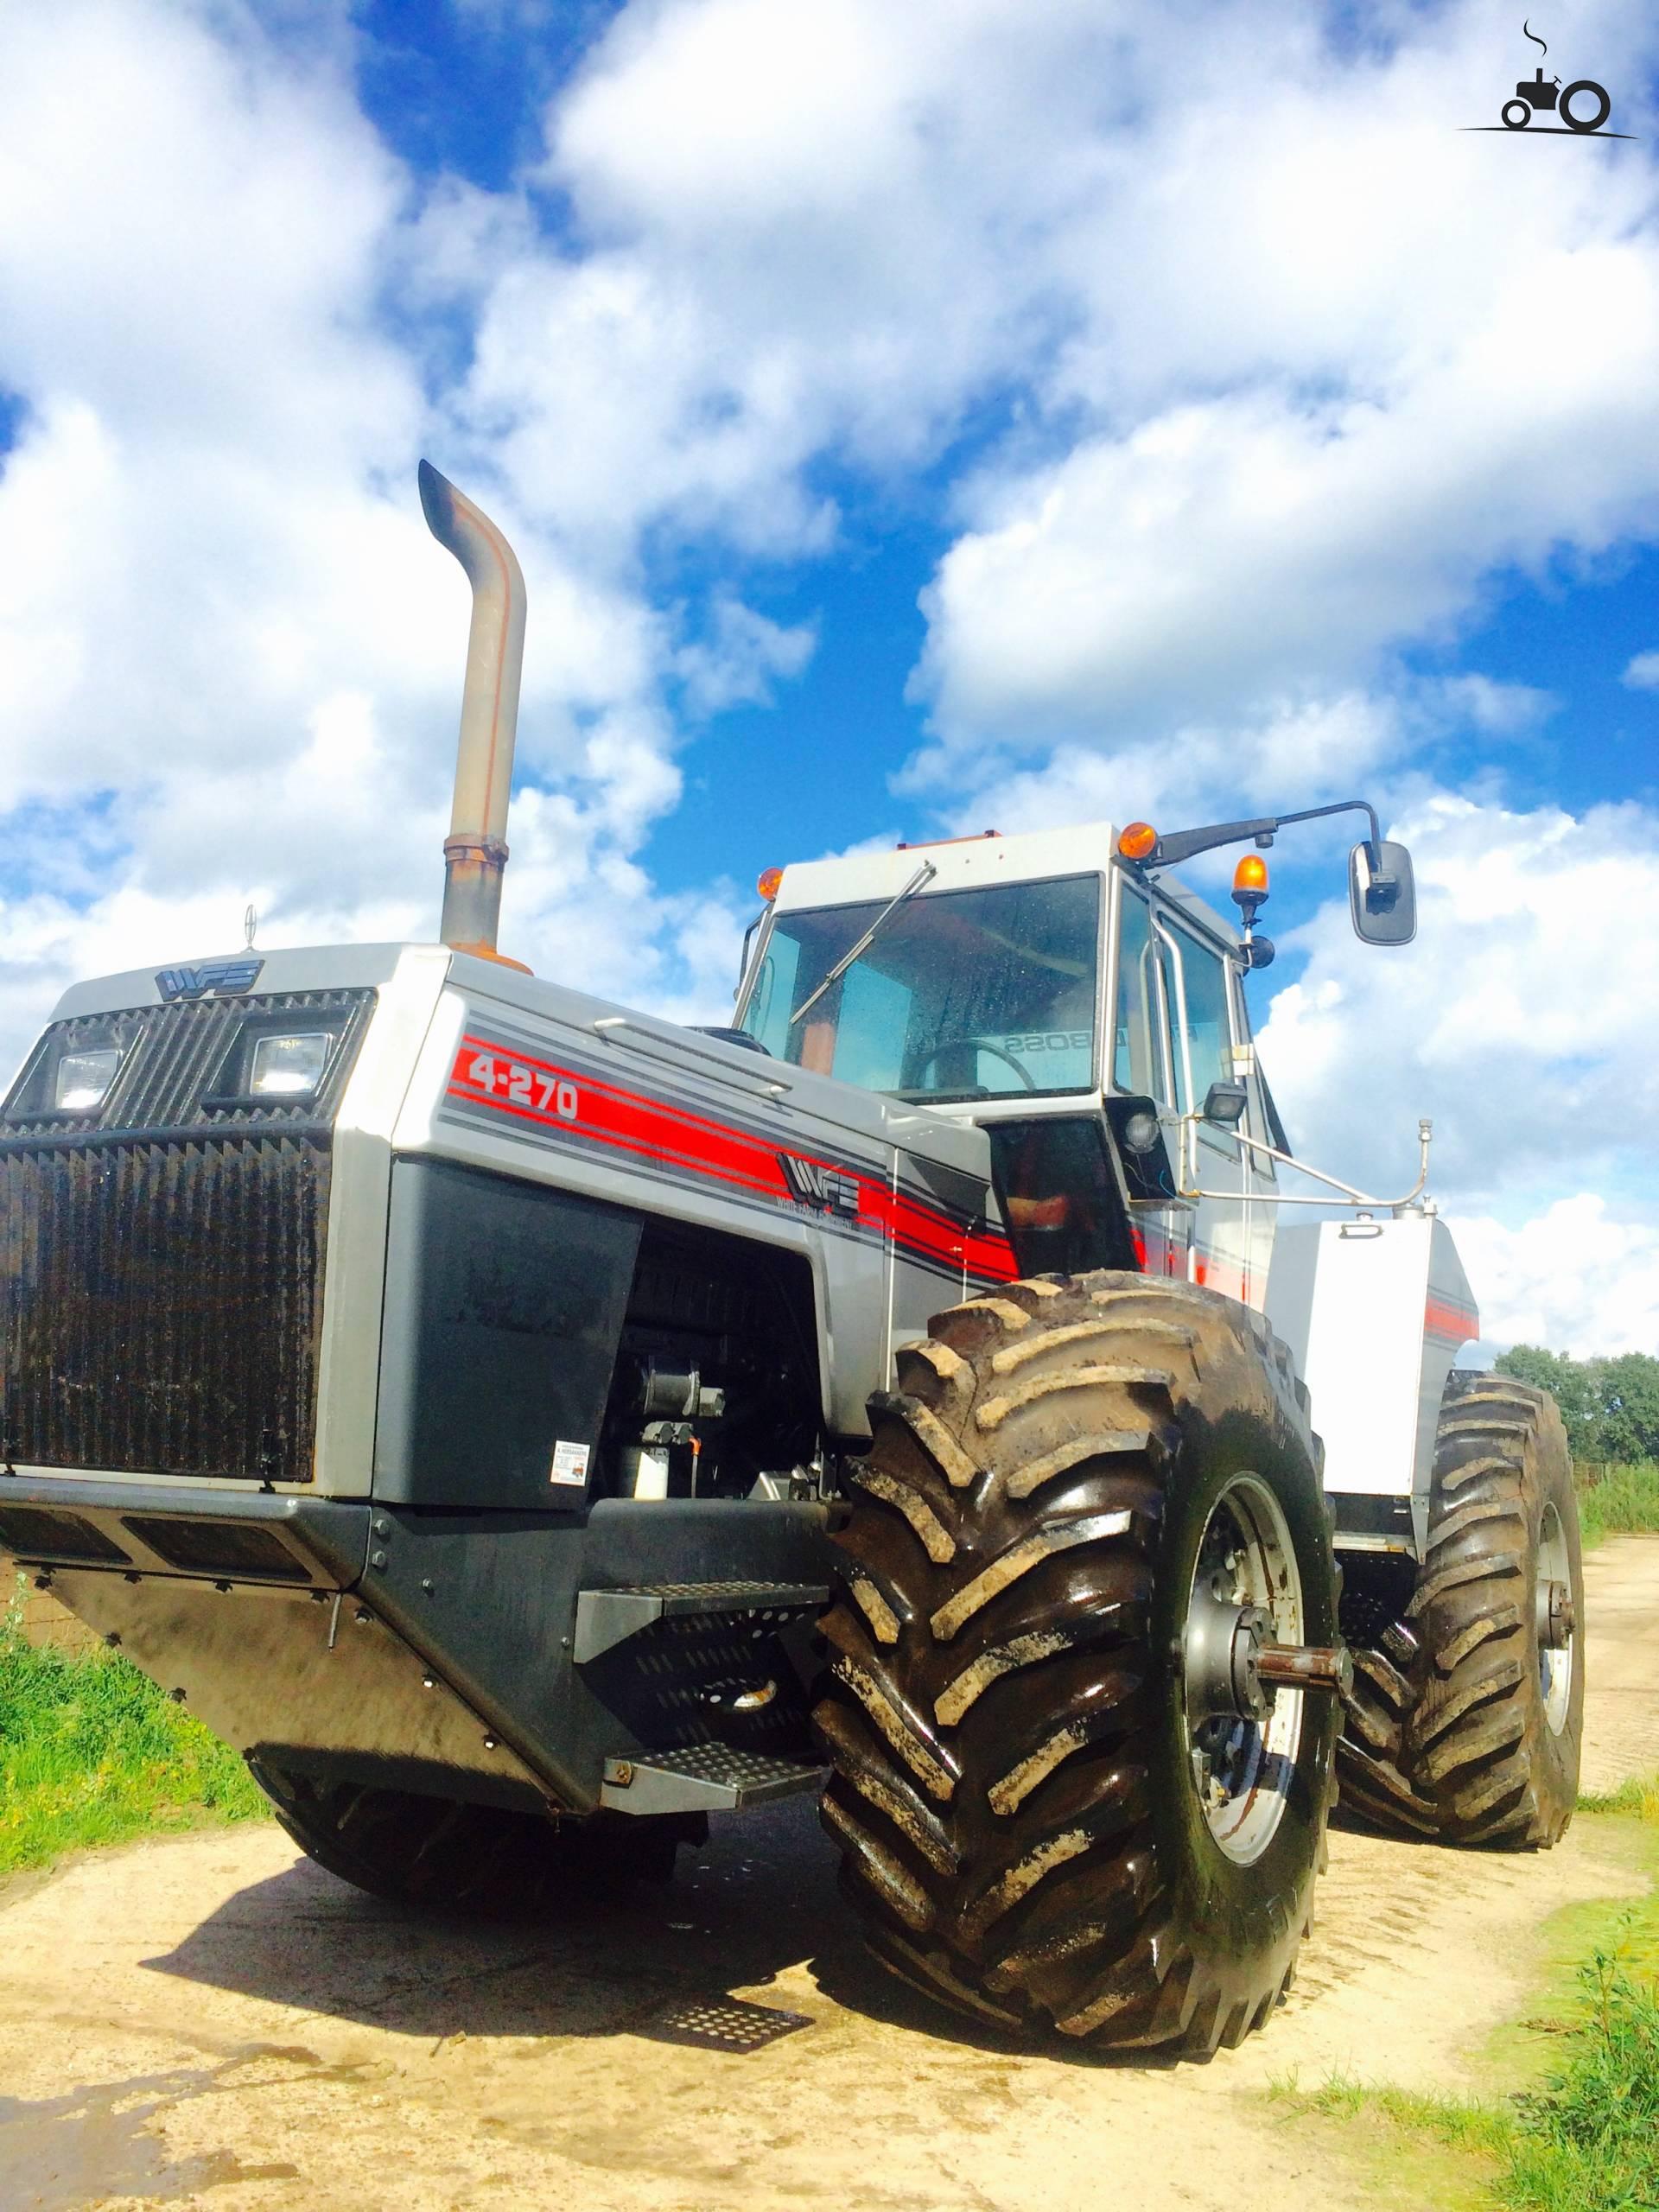 White 4 270 Tractor : Picture white